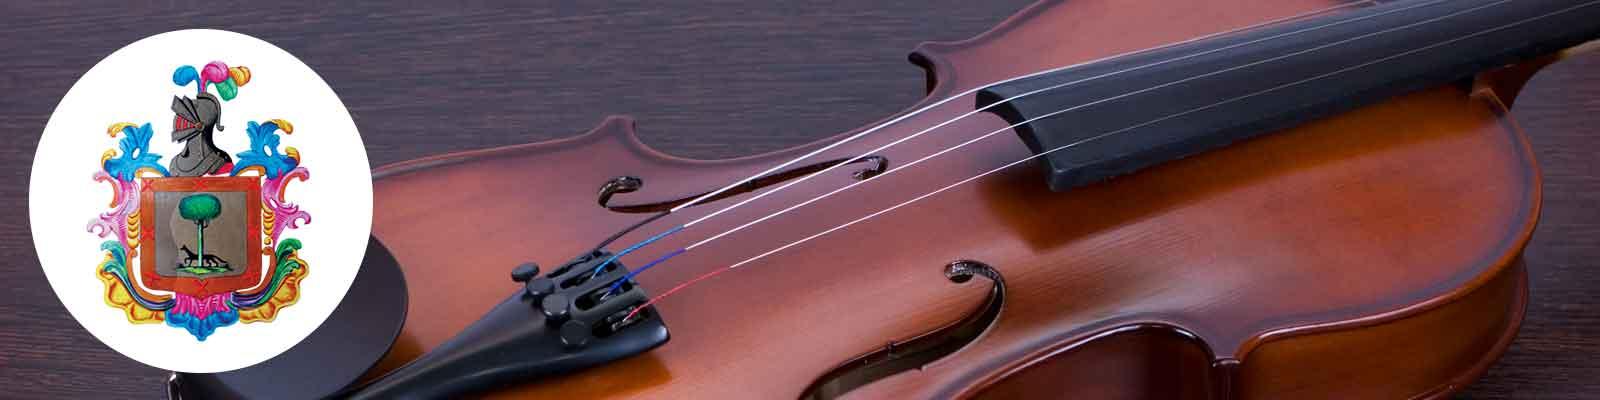 Violino corso